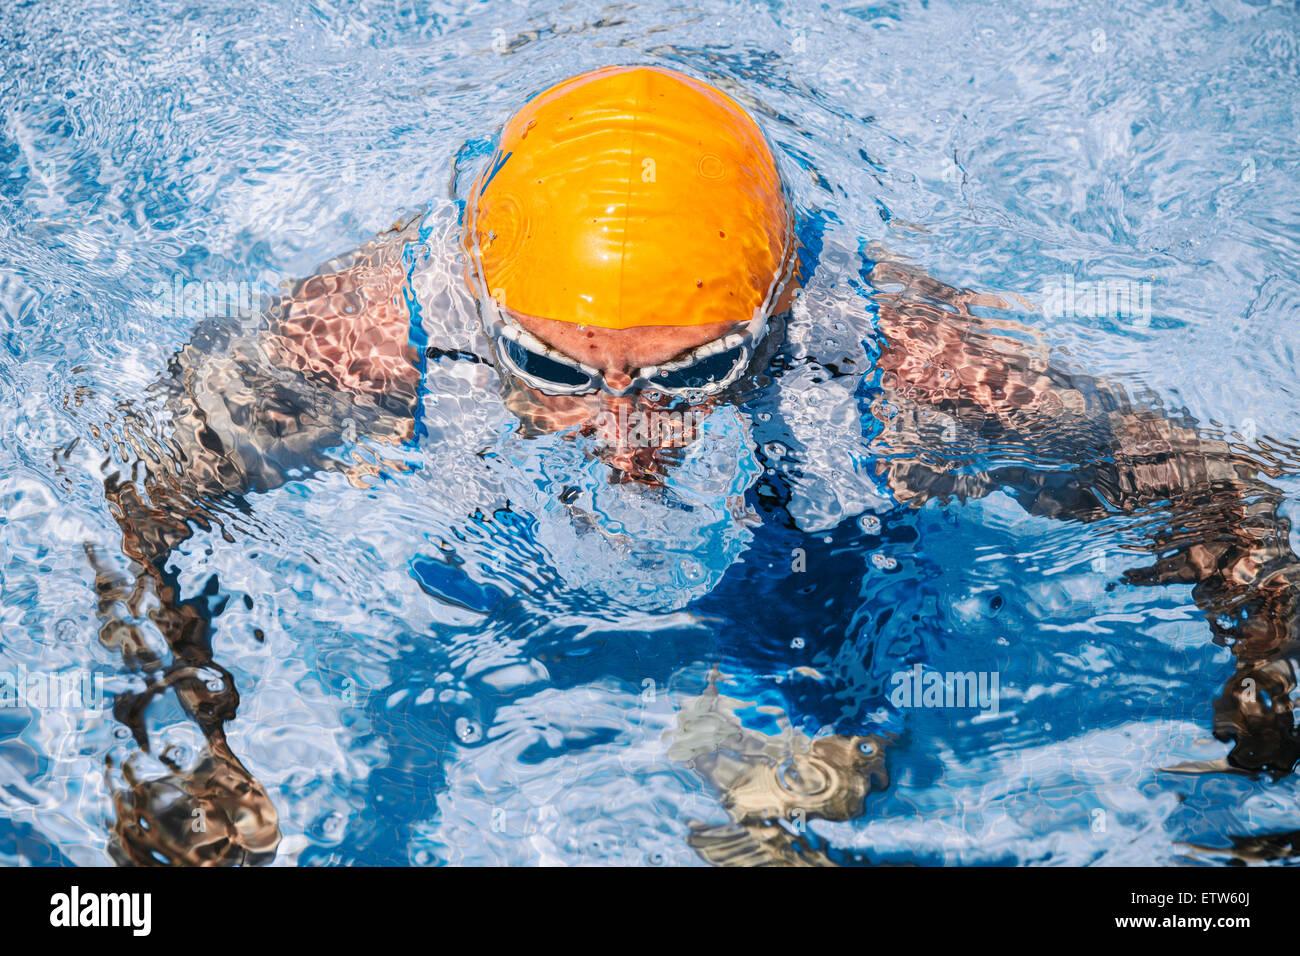 España, Mallorca, Sa Coma, nadador triathlet saliendo fuera del agua Imagen De Stock